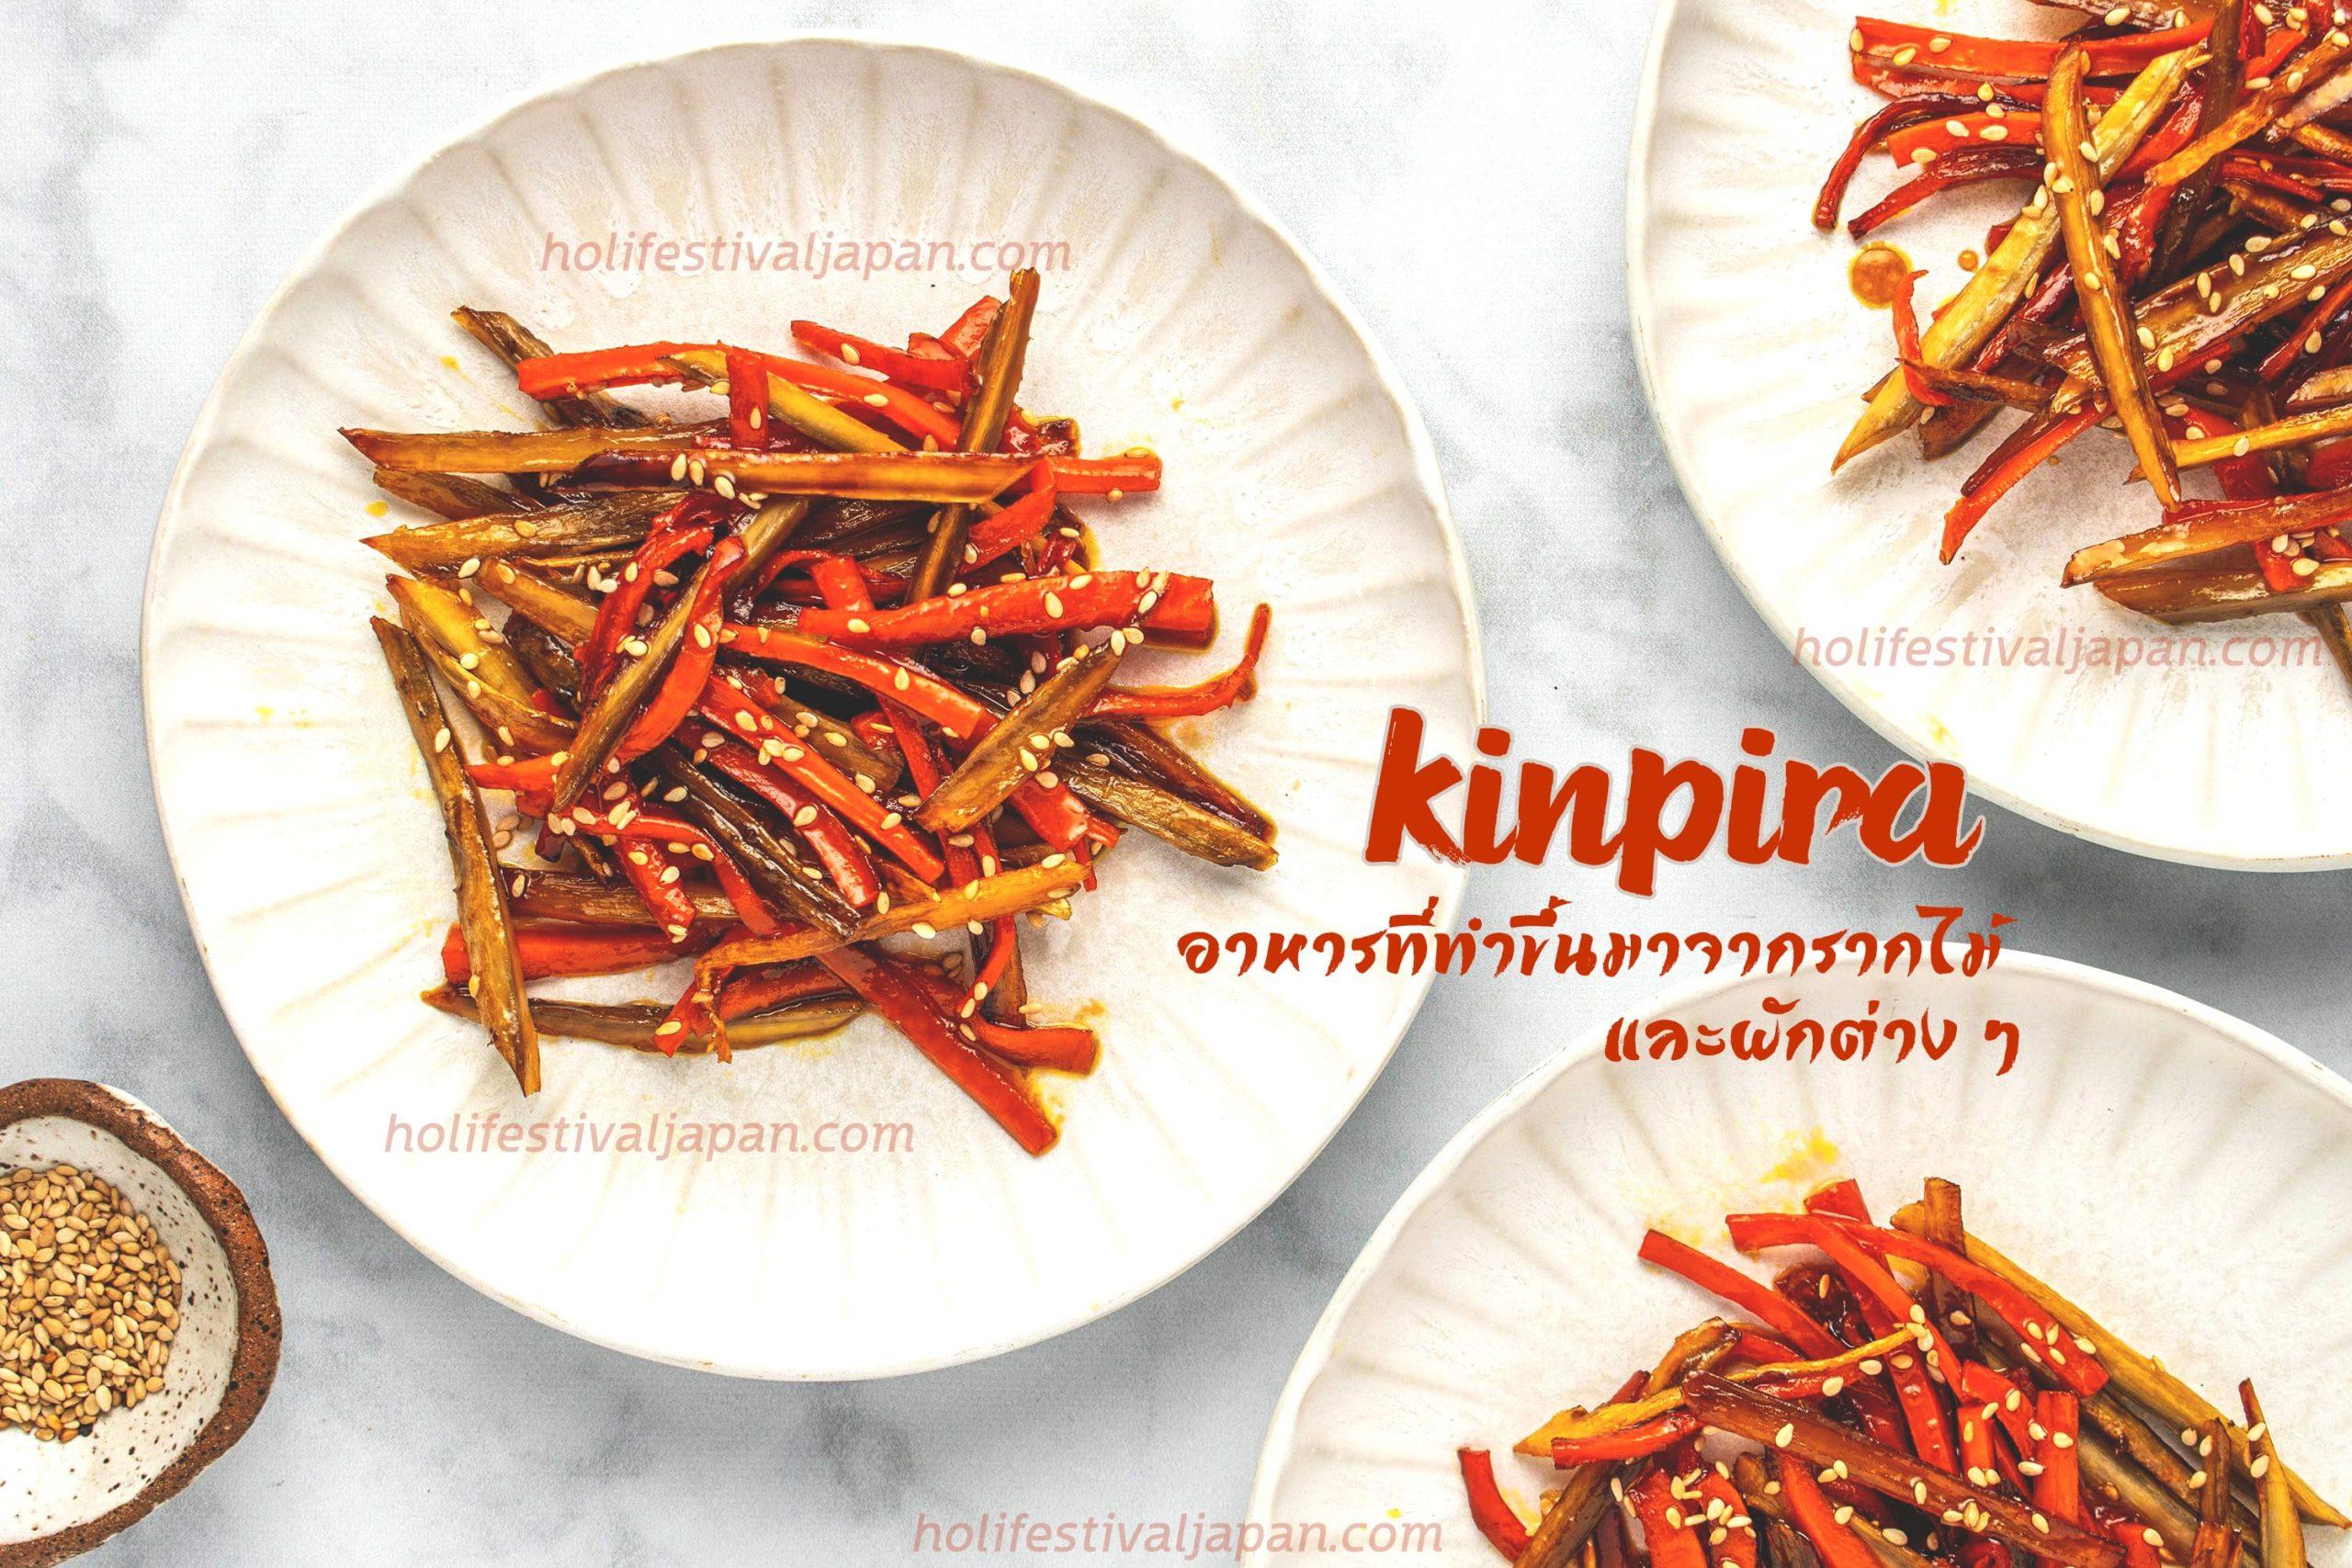 Kinpira อาหารที่ทำขึ้นมาจากรากไม้ และผักต่าง ๆ ที่มีสรรพคุณทางยา